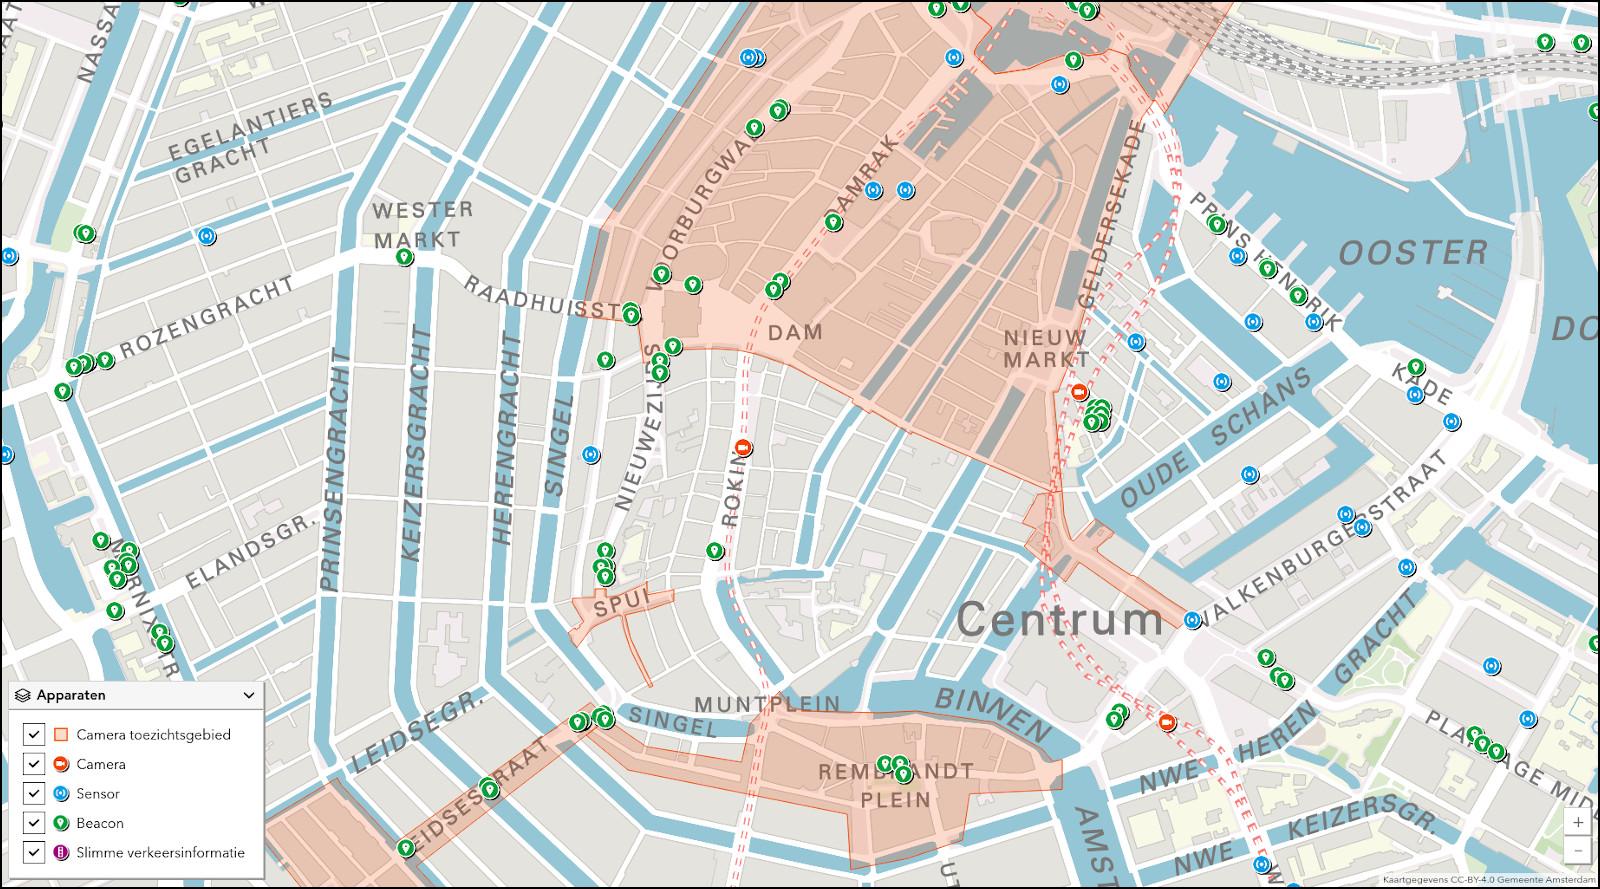 Скриншот интерактивной карты. Источник: Gemeente Amsterdam/CC-BY-4.0.